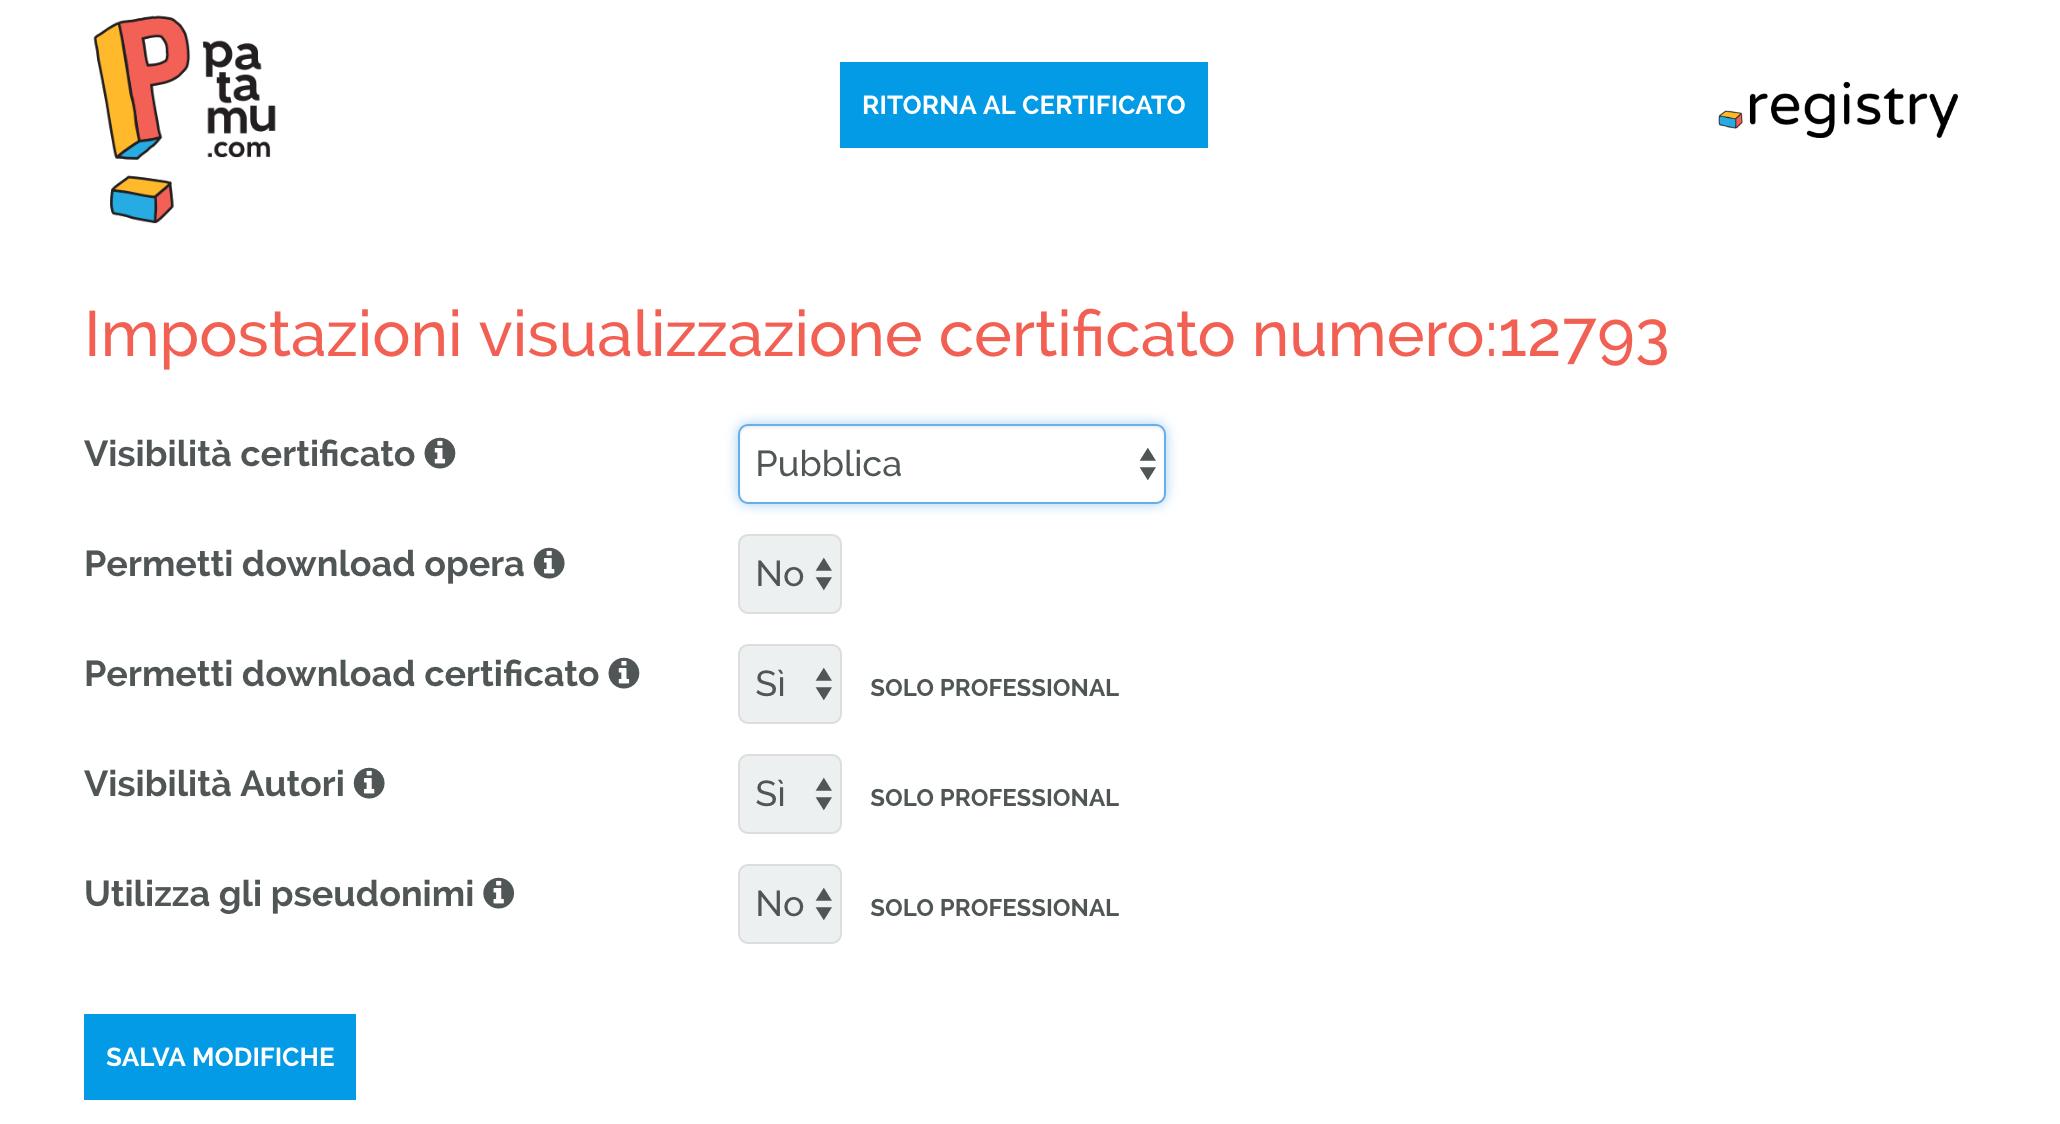 Impostazioni Visualizzazione Certificato di Deposito